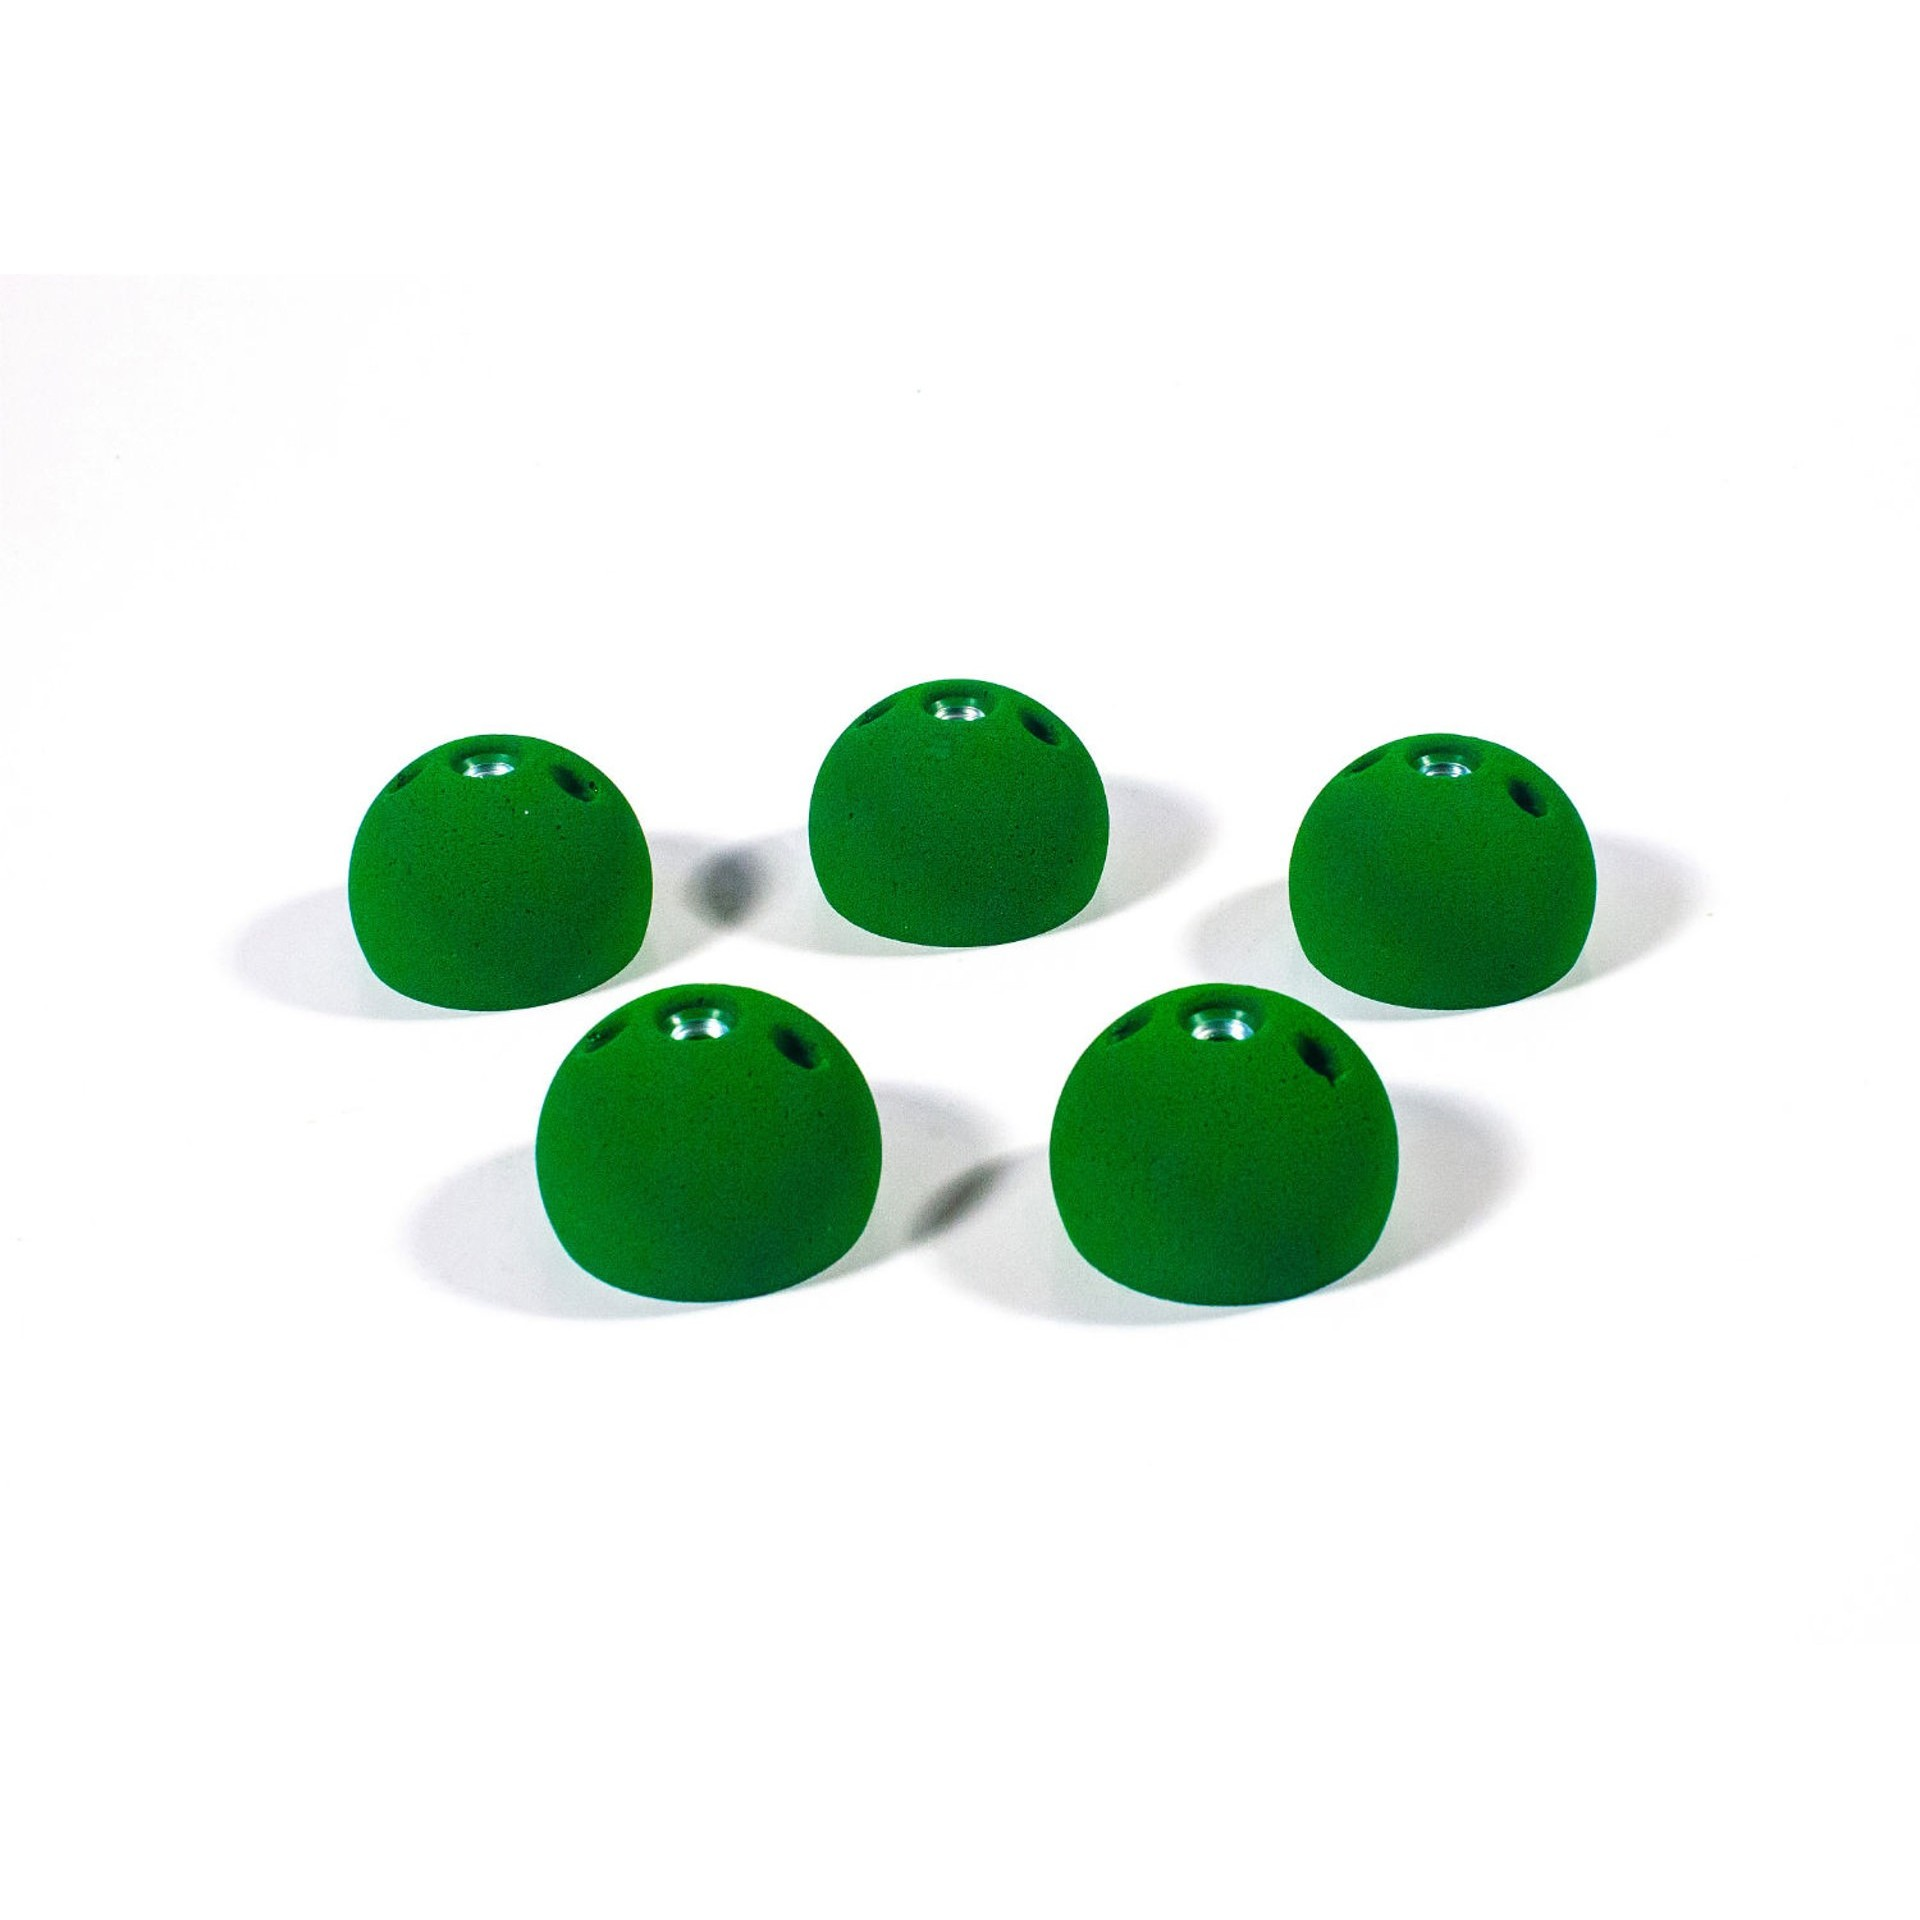 Balls 06 - Holds.fr